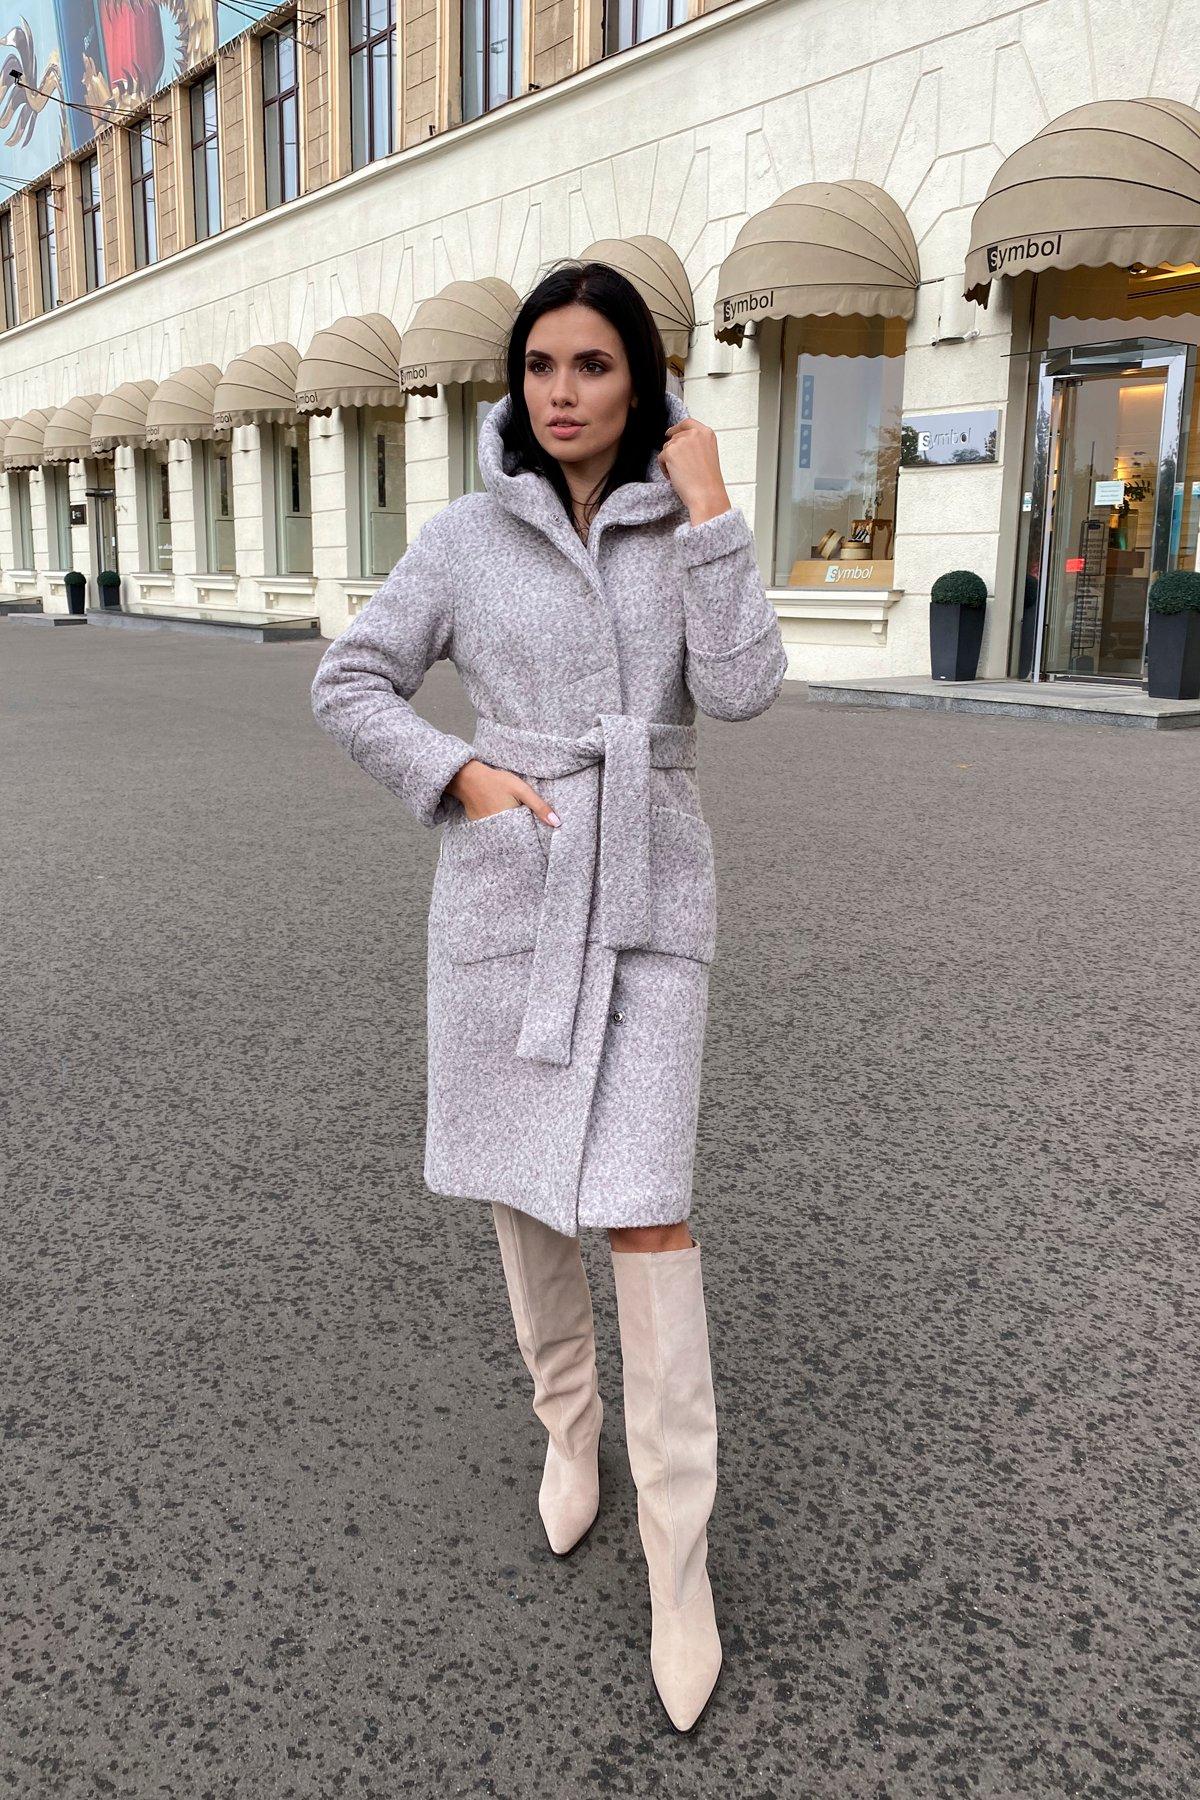 Пальто зима шерсть букле Анита 8320 АРТ. 44439 Цвет: Серый/бежевый 24 - фото 17, интернет магазин tm-modus.ru